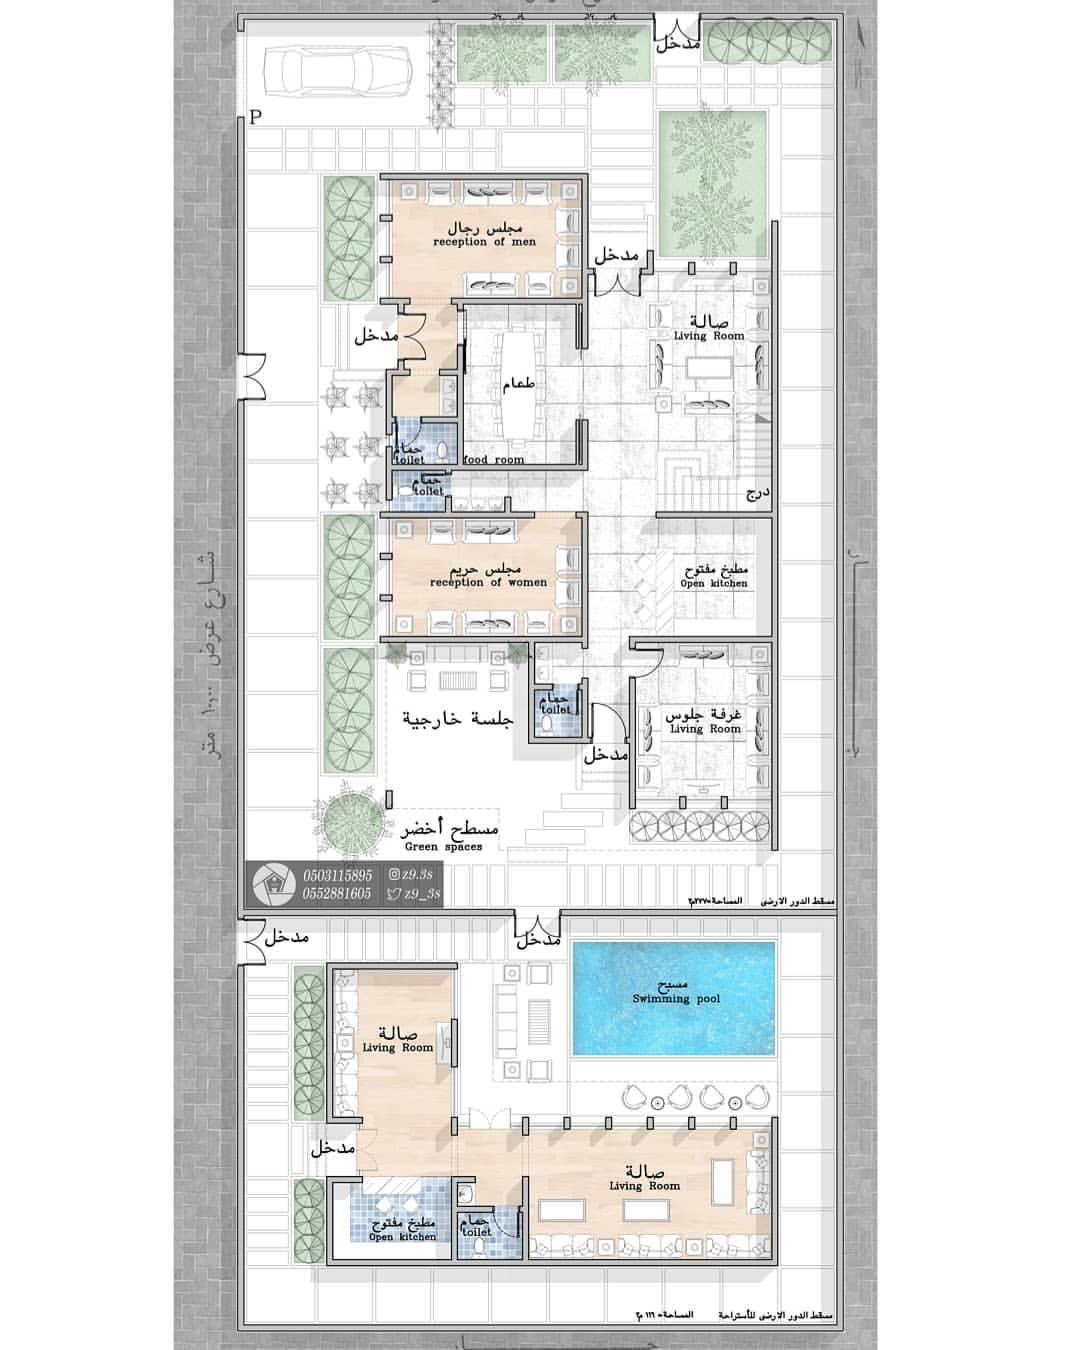 تصميم فيلا مودرن مساحة الدور الارضي ٢٧٧م٢ وفي الجزء الخلفي إستراحة خاصة بمساحة ١١٦م٢ عسير ال Cool House Designs Architectural House Plans Luxury House Plans